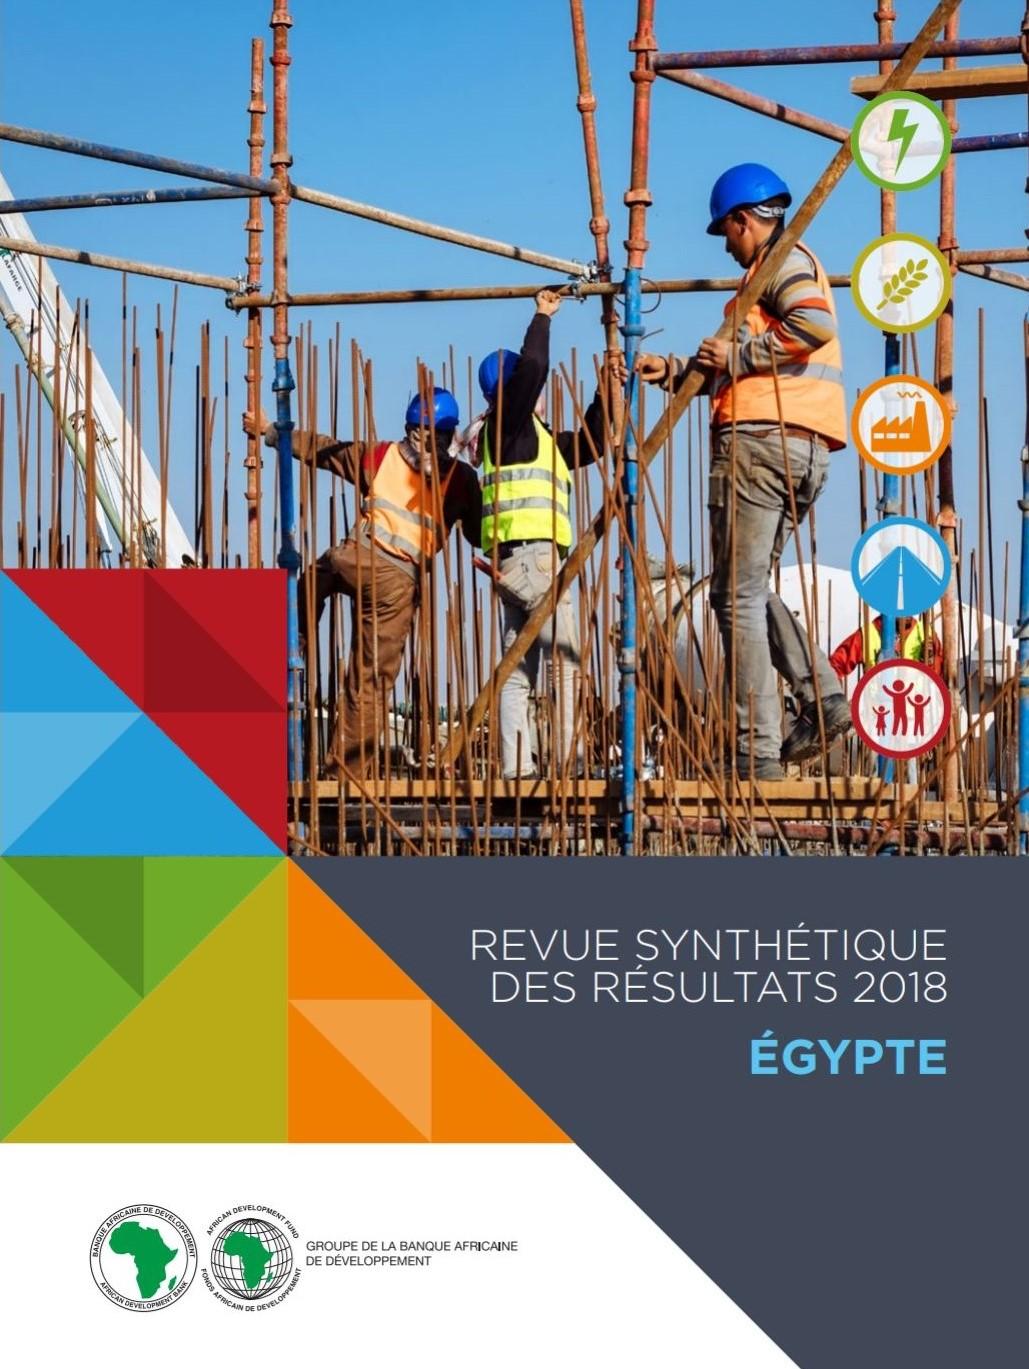 La BAD produit un impact considérable sur le développement en Égypte